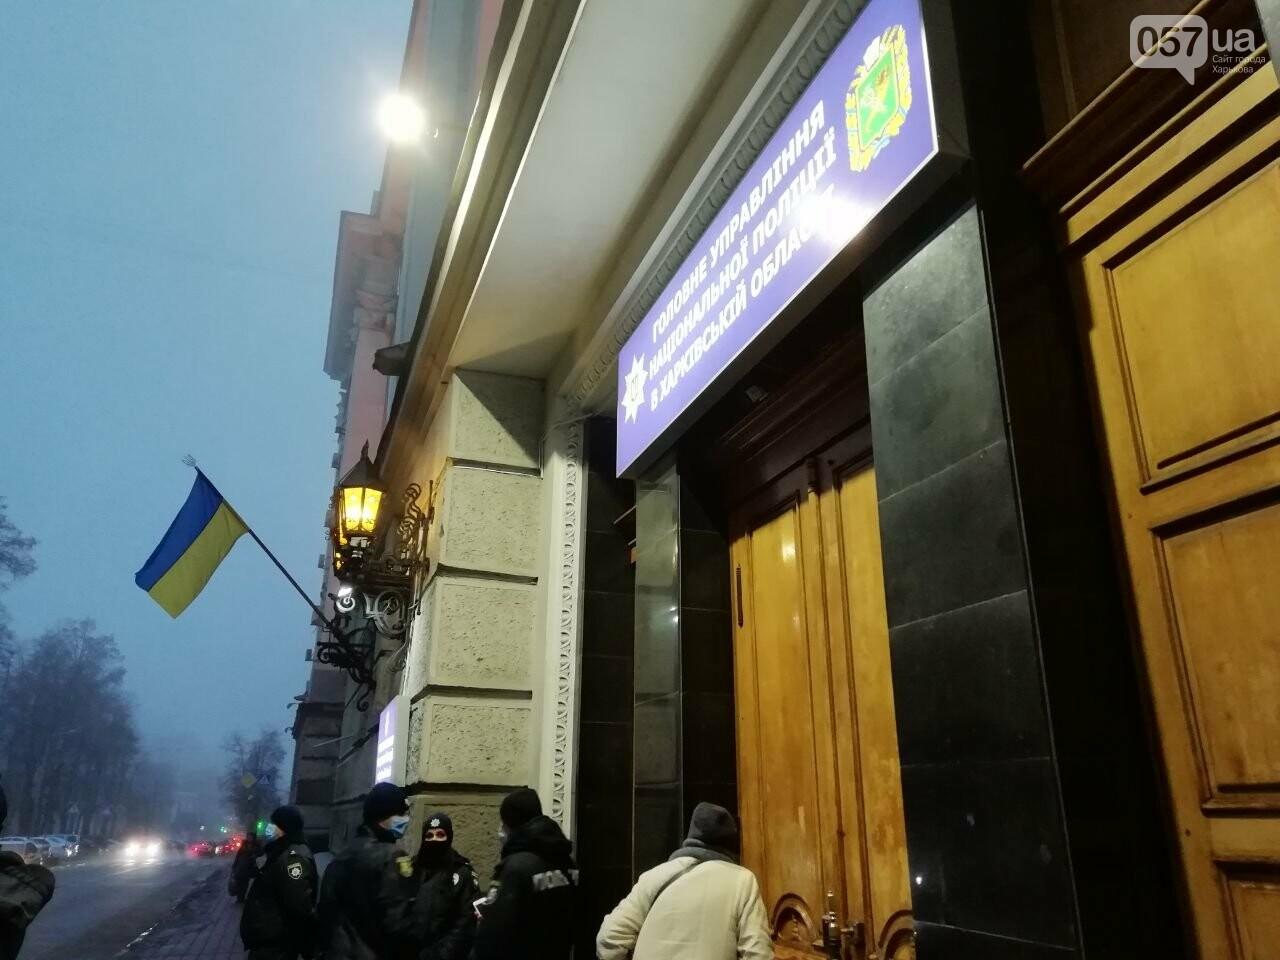 «Мусора - не люди»: из-за слов Авакова в центре Харькова активисты пикетировали облуправление полиции, - ФОТО, фото-13